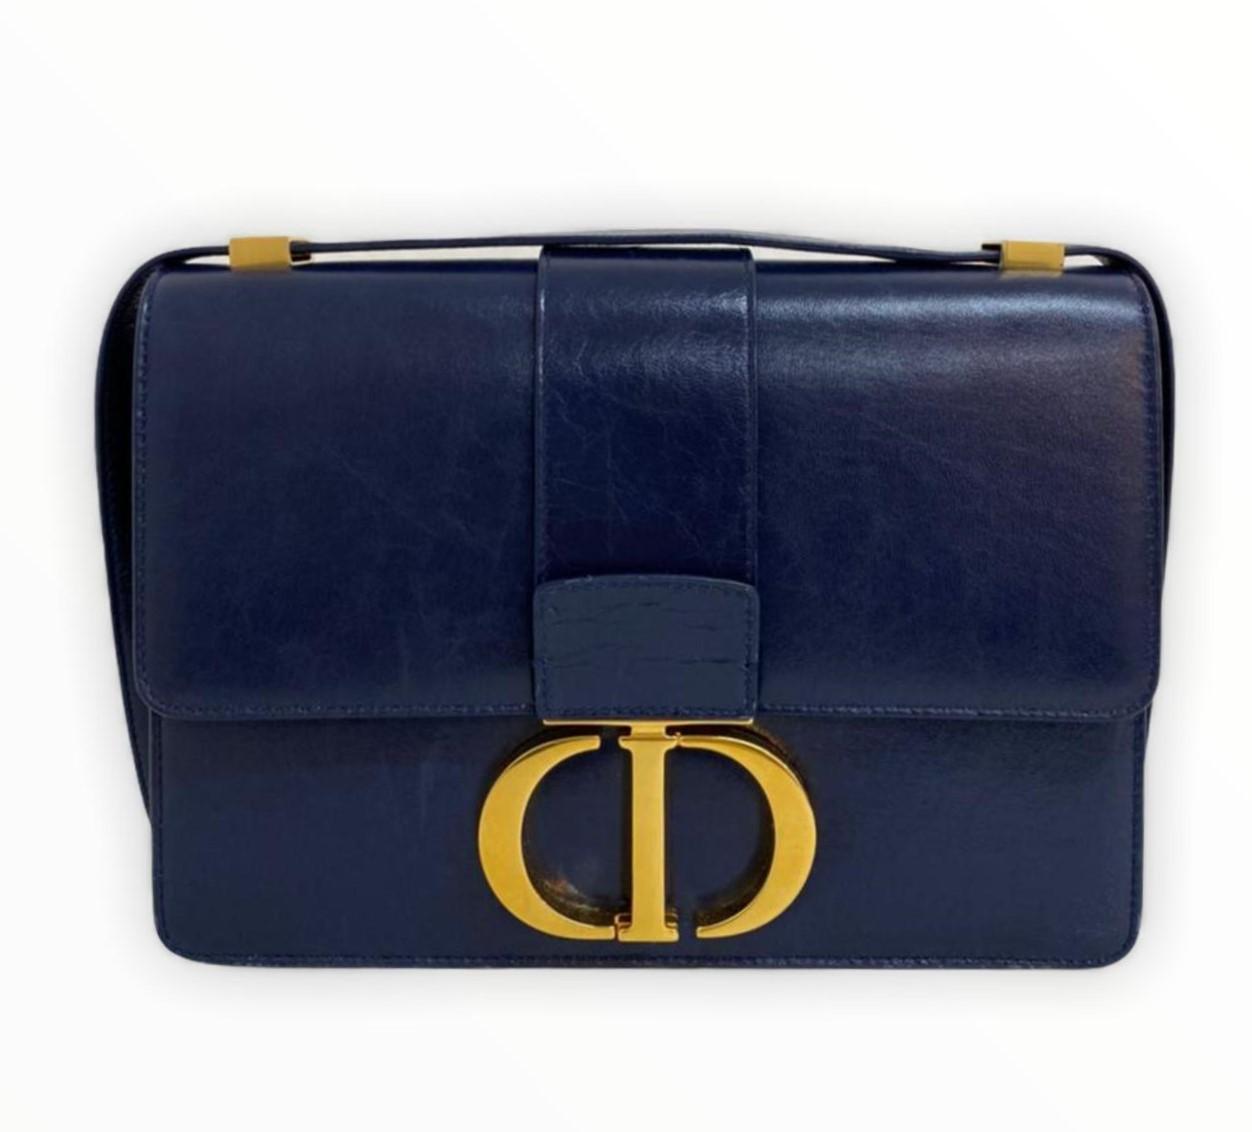 Bolsa Dior 30 Montaigne Azul Marinho